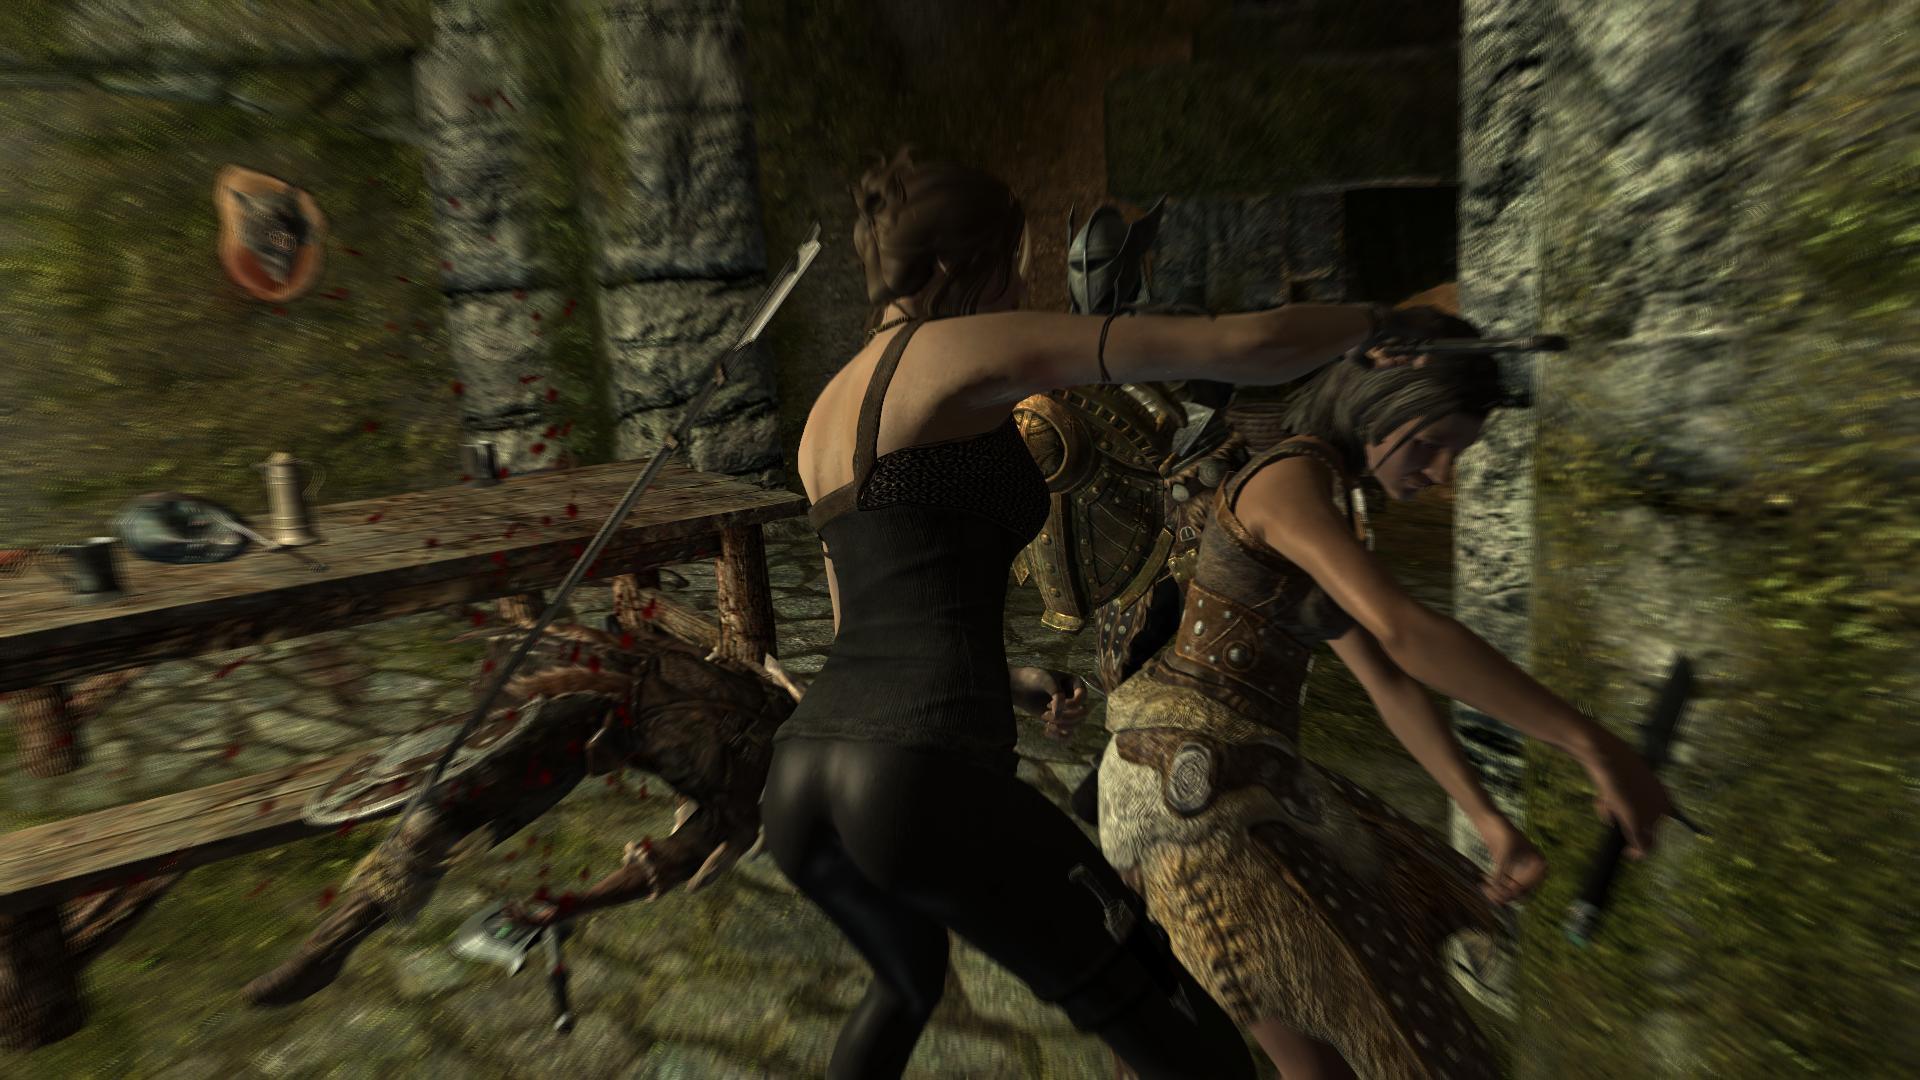 TESV_original 2014-02-02 20-35-35-65.jpg - Elder Scrolls 5: Skyrim, the